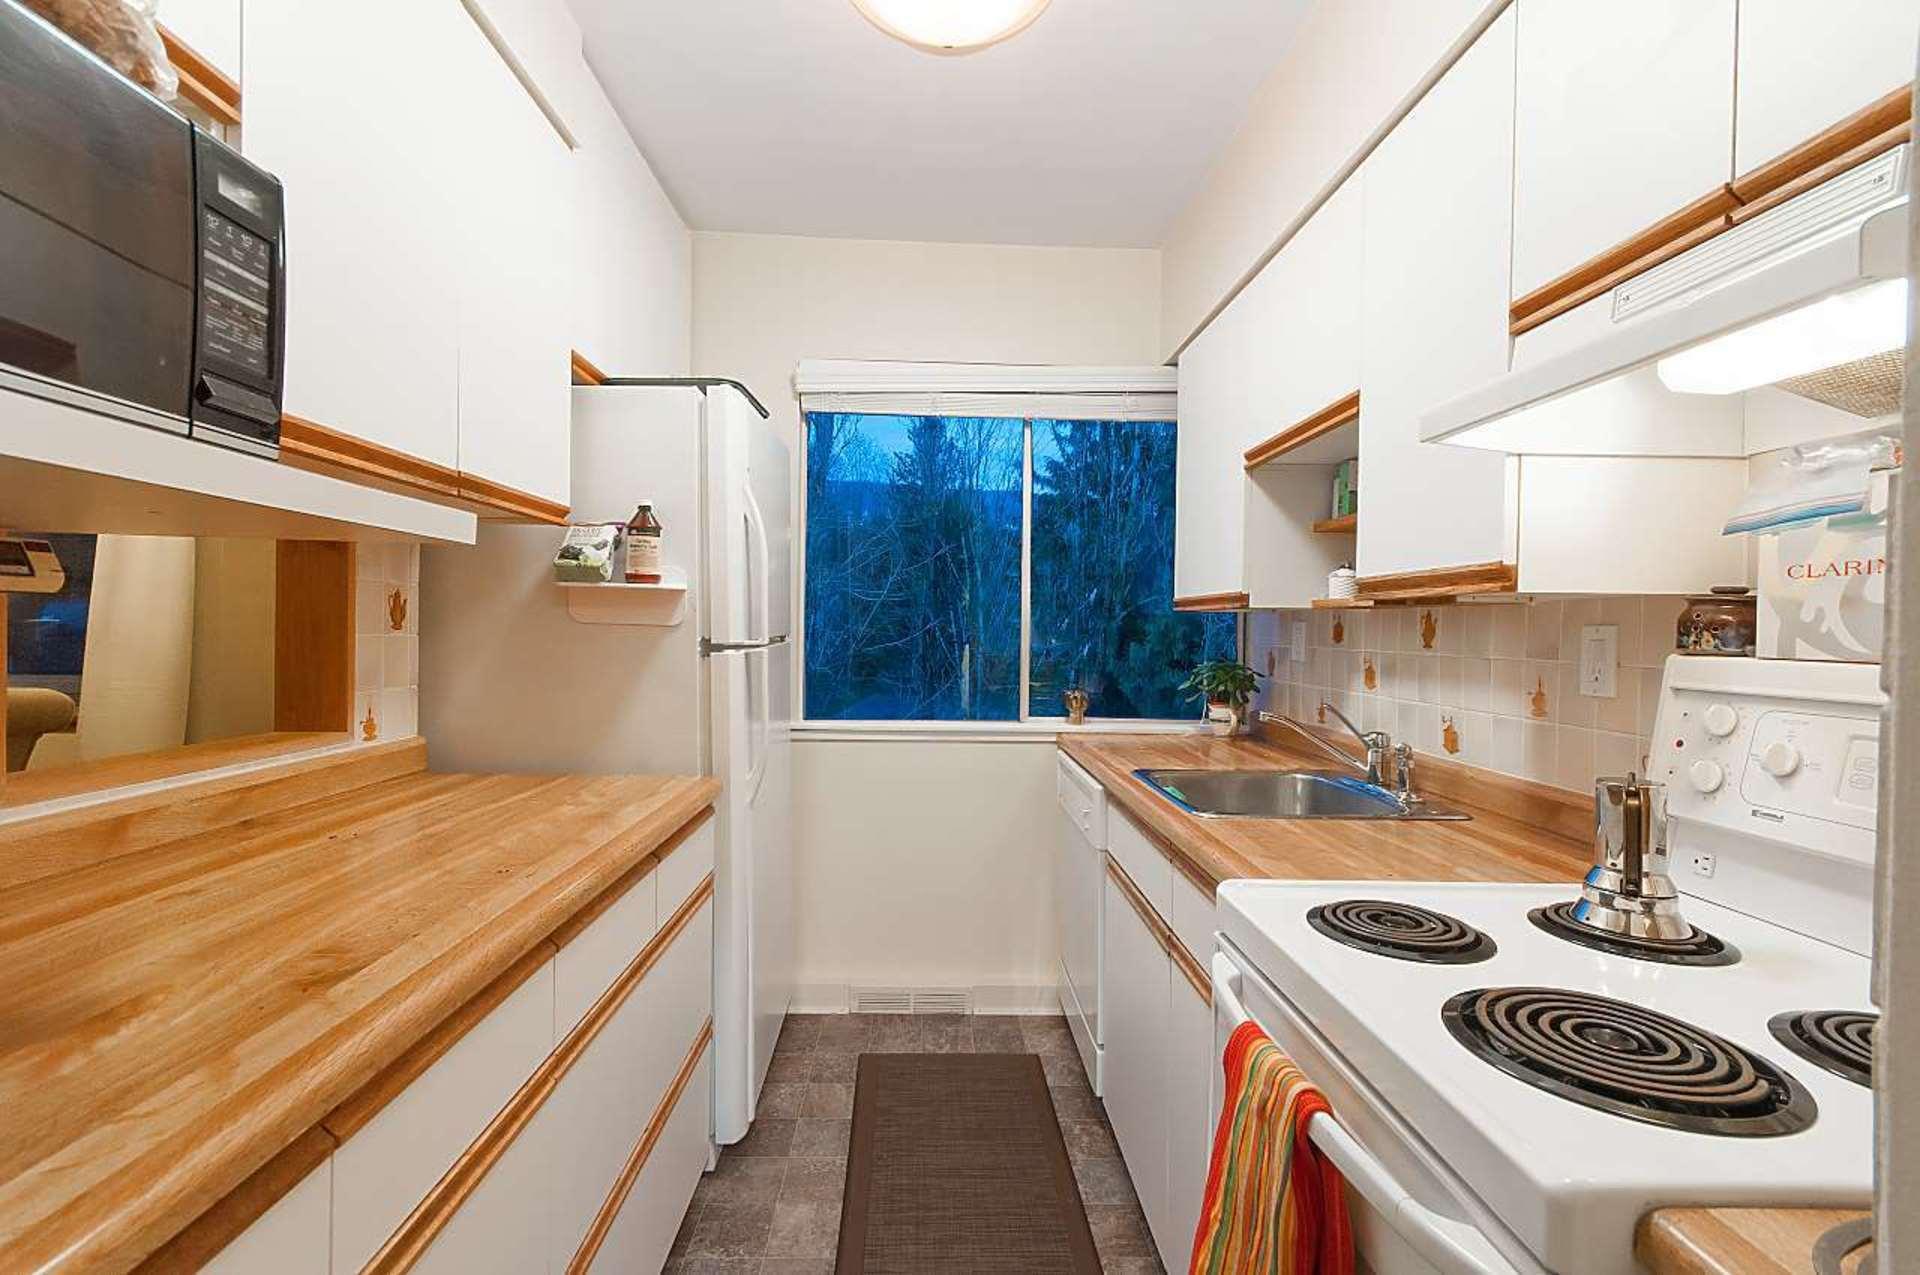 1425-esquimalt-avenue-ambleside-west-vancouver-09 at 505 - 1425 Esquimalt Avenue, Ambleside, West Vancouver